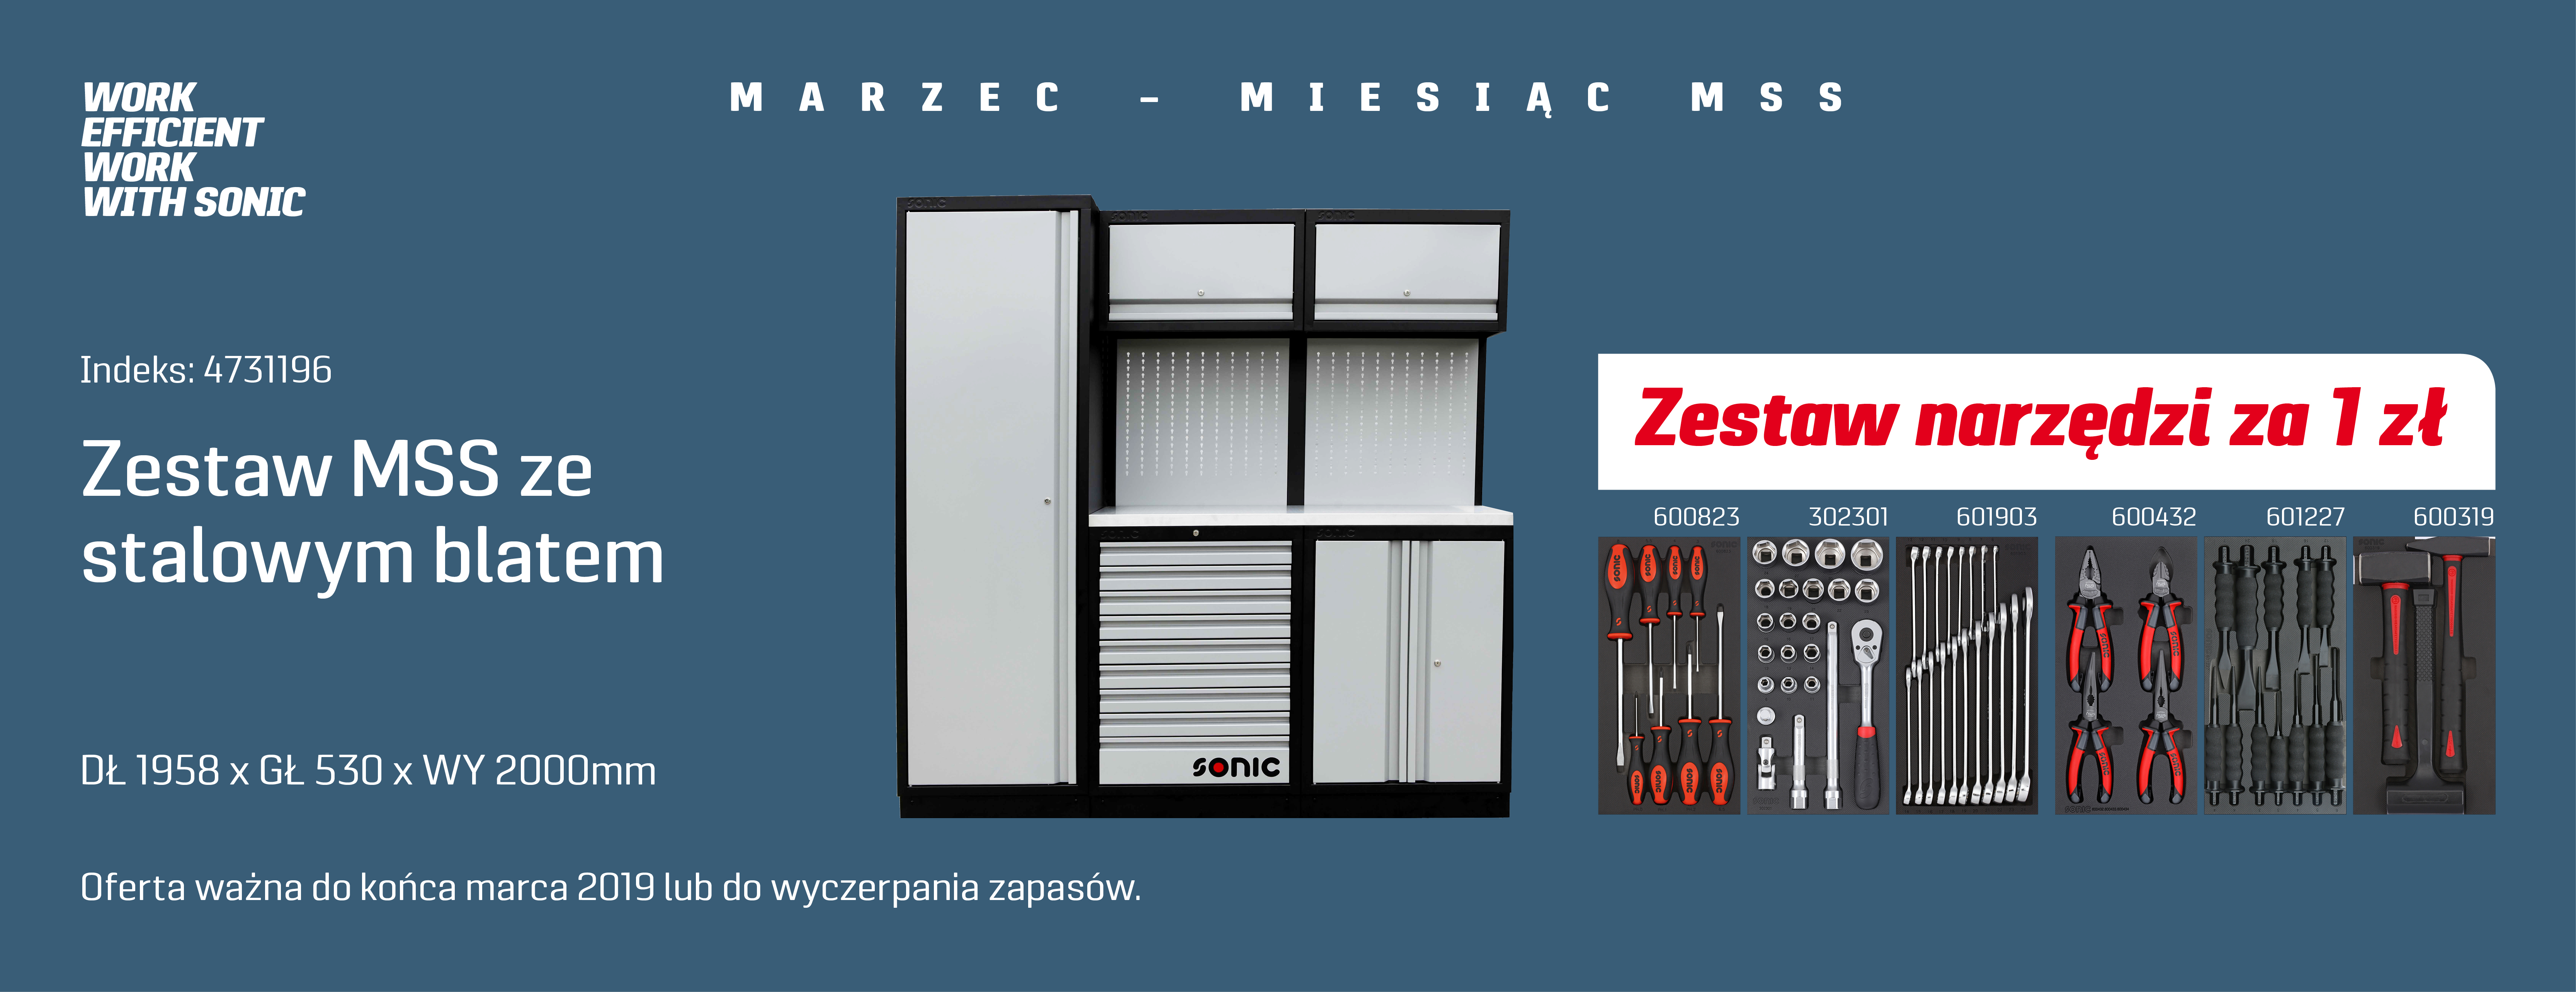 SONIC MSS Zestaw mebli z narzędziami za 1 zł